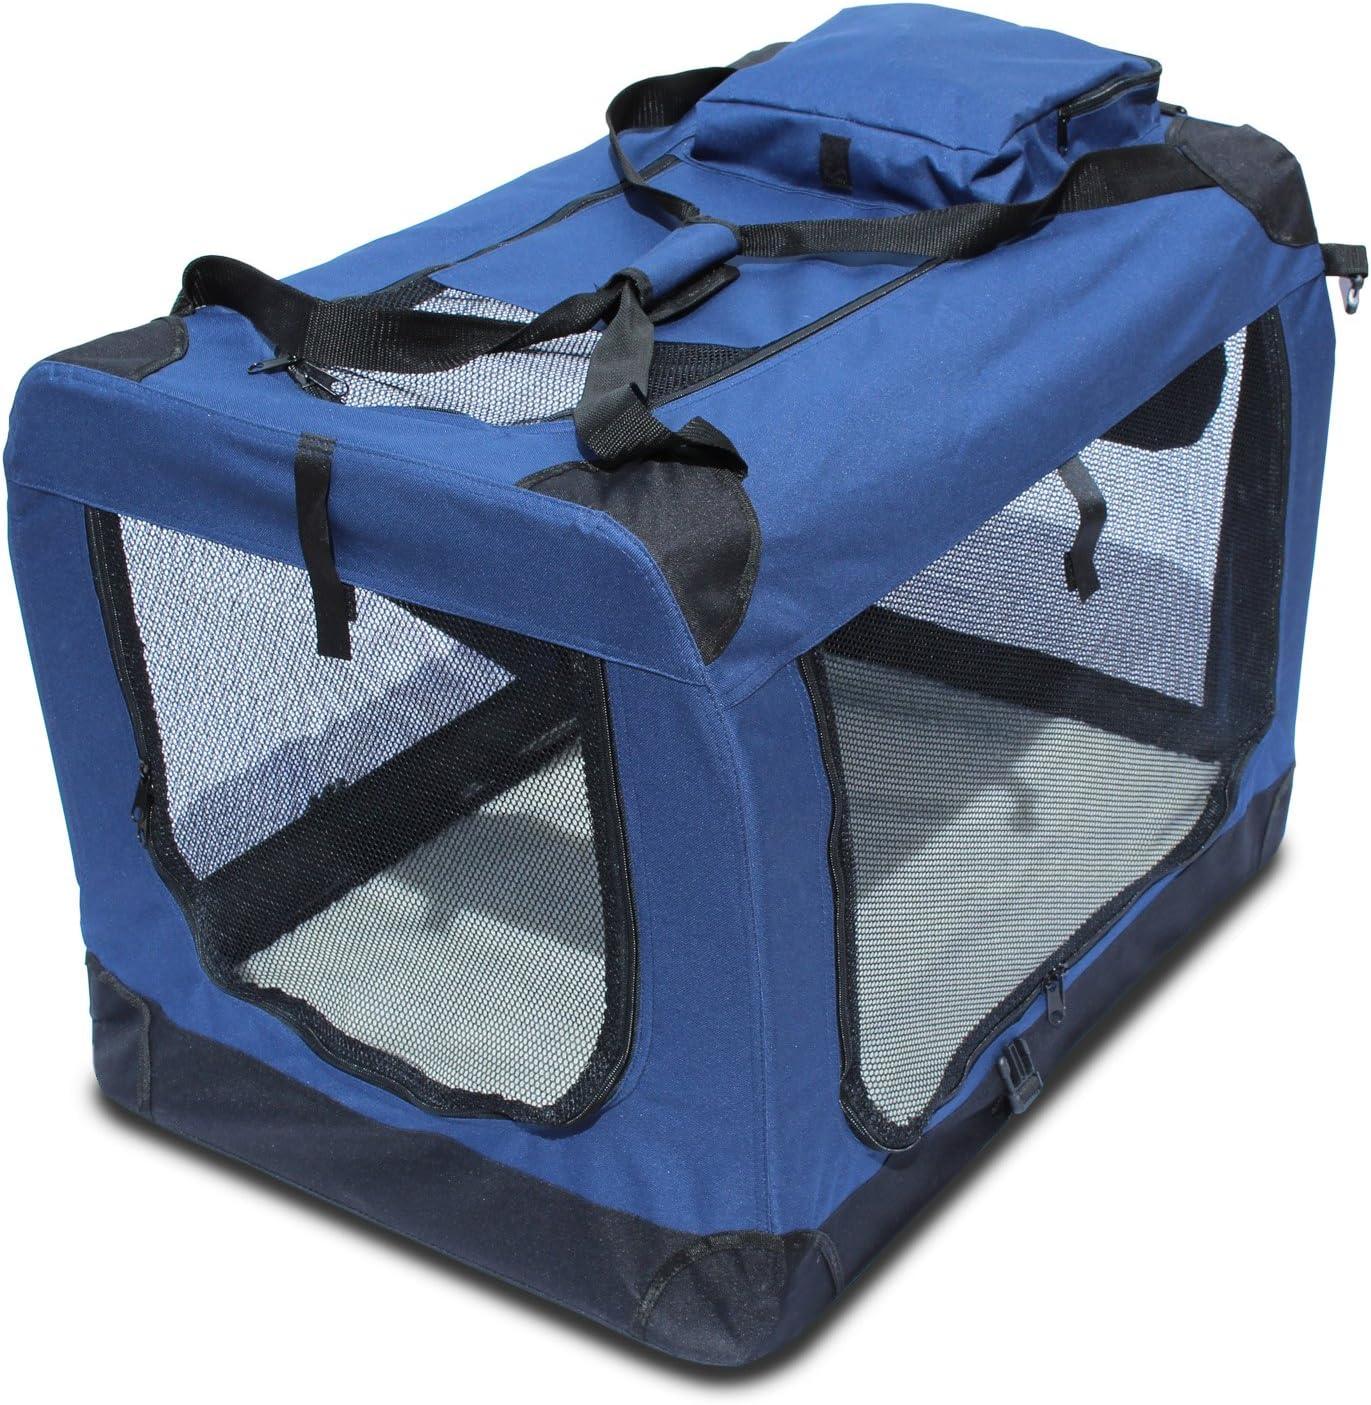 YATEK Transportin para Perros Plegable (81,3 x 58,4 x 58,4cm) entradas Laterales y Superiores con Alta Visibilidad, Confort y Seguridad para tu Mascota